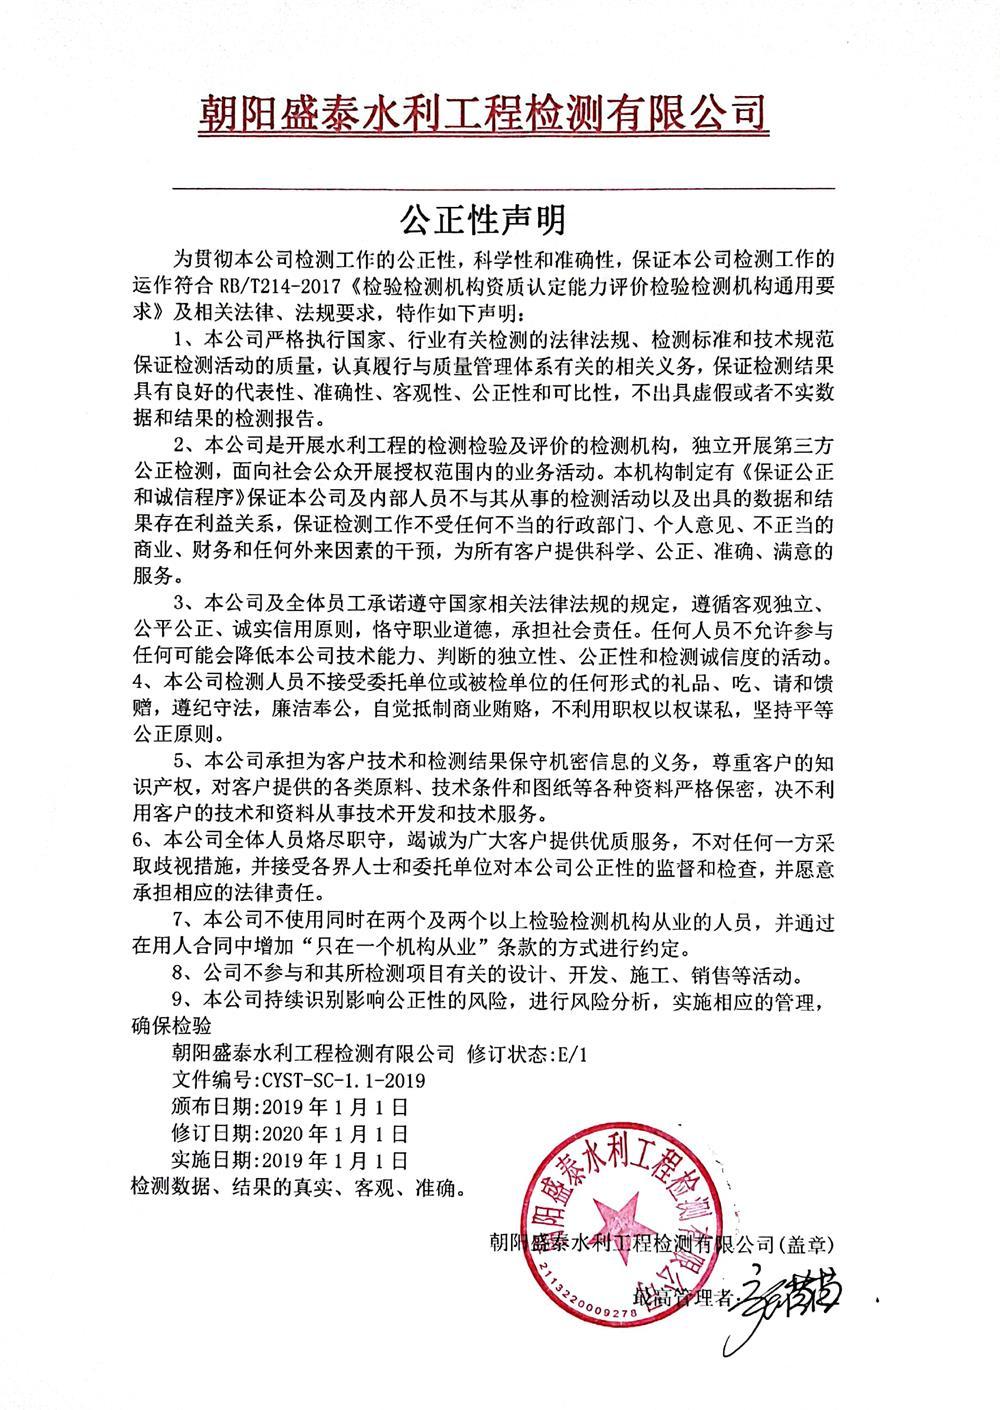 朝阳盛泰水利工程检测有限公司公正性声明